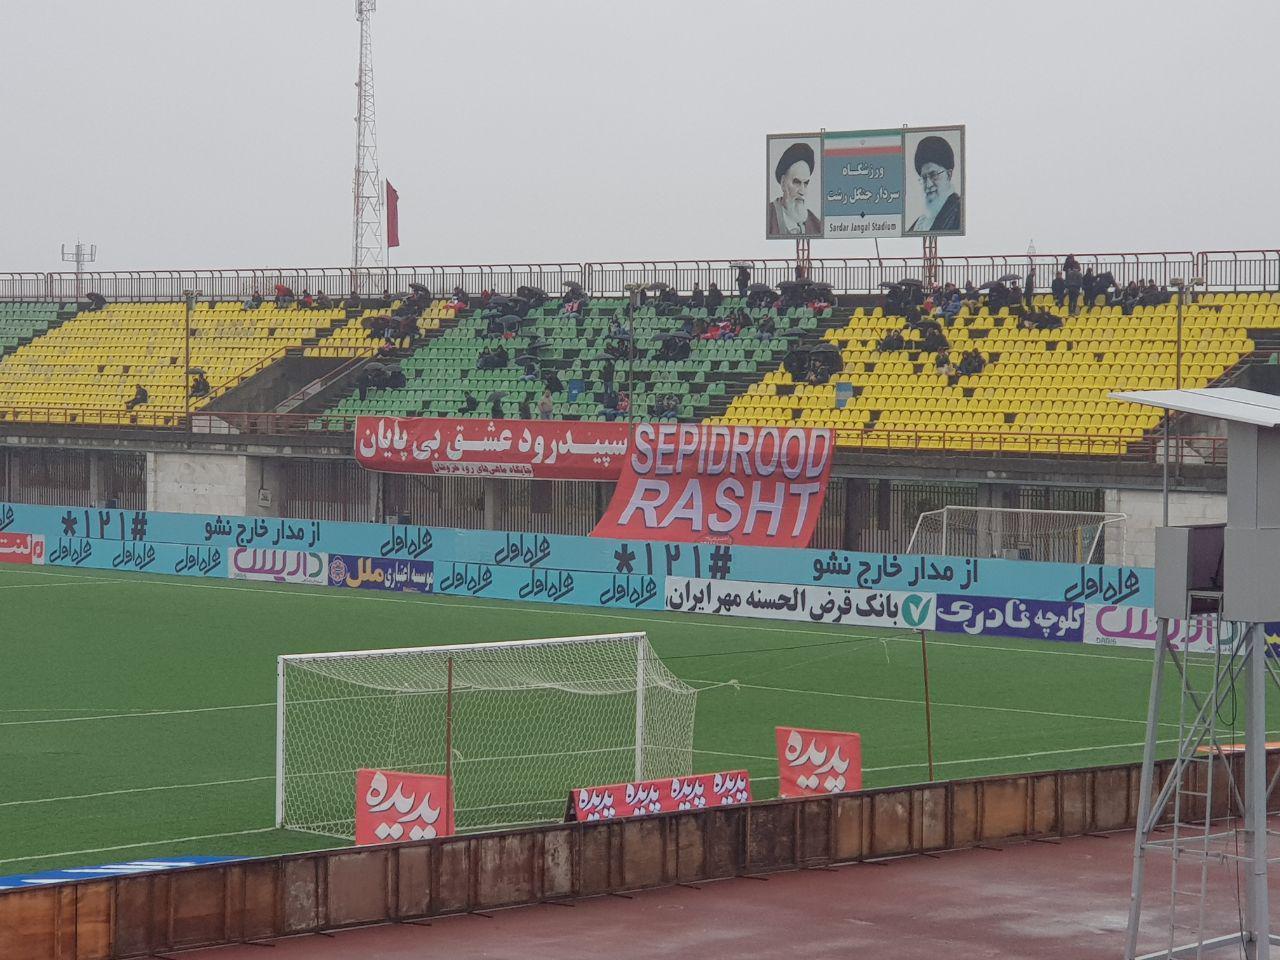 عکس| باران شدید در ورزشگاه سردار جنگل